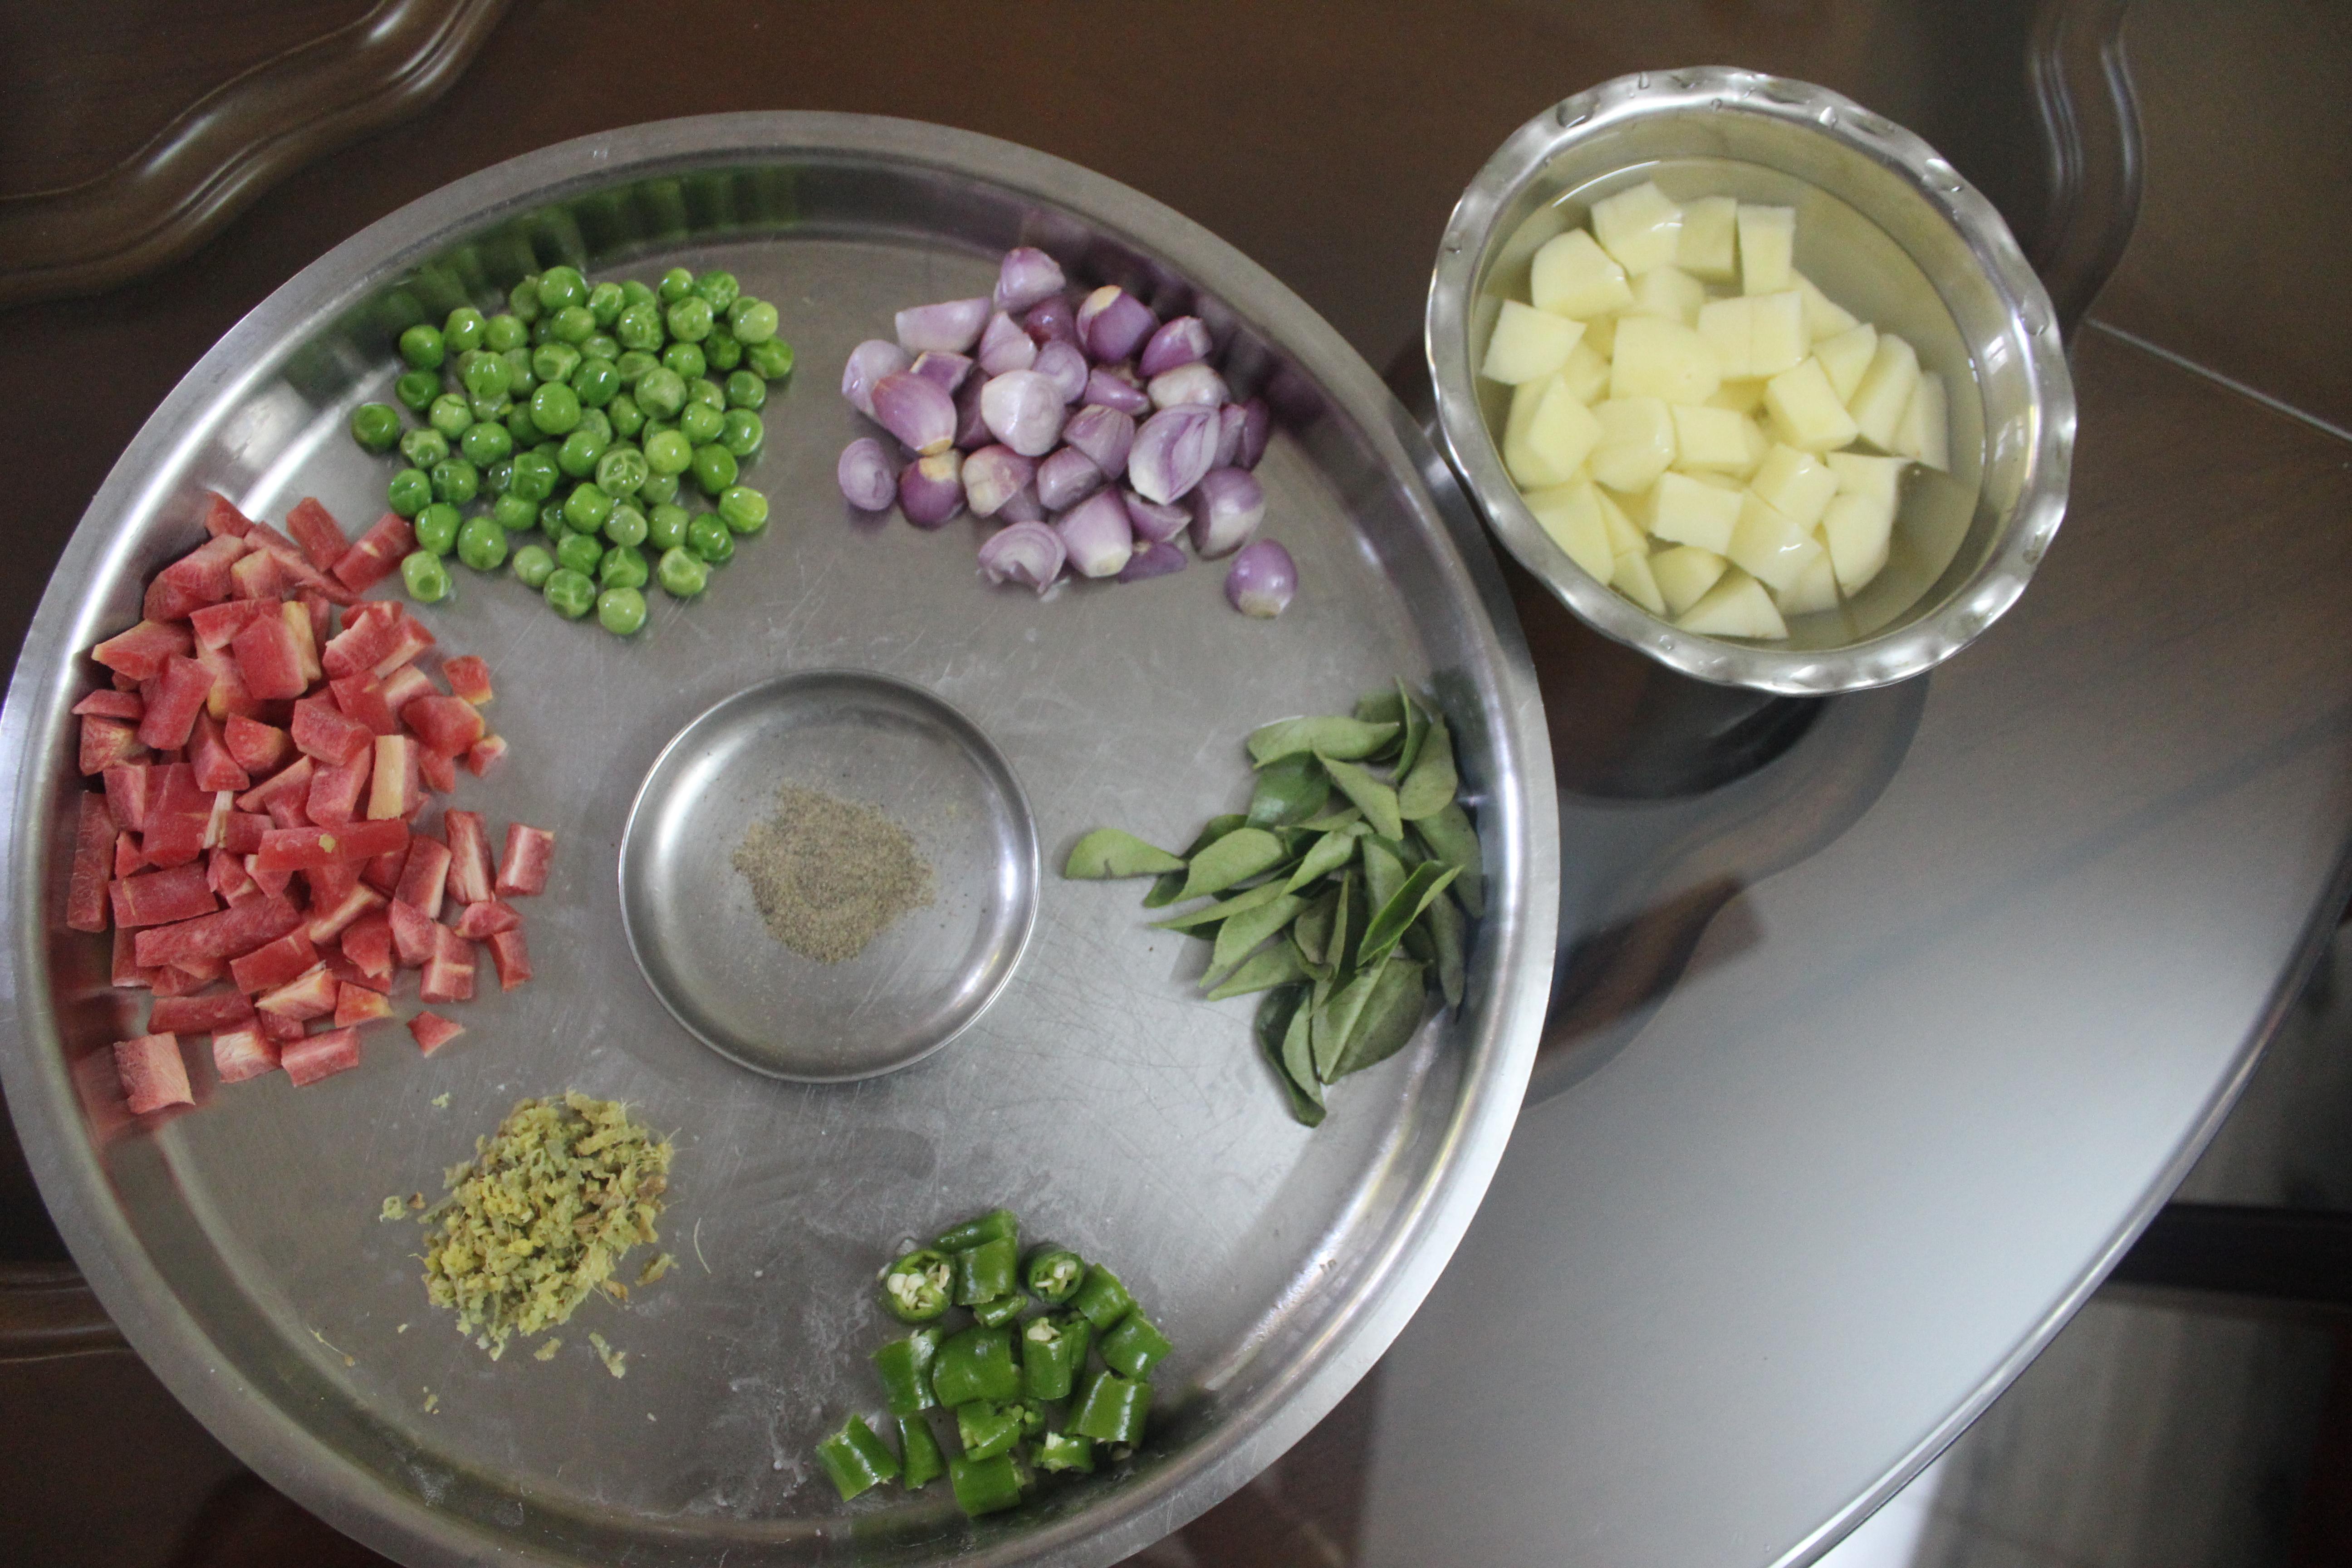 Kerala vegetable stew or ishtu charus cuisine img3363 img3366 img3367 forumfinder Gallery